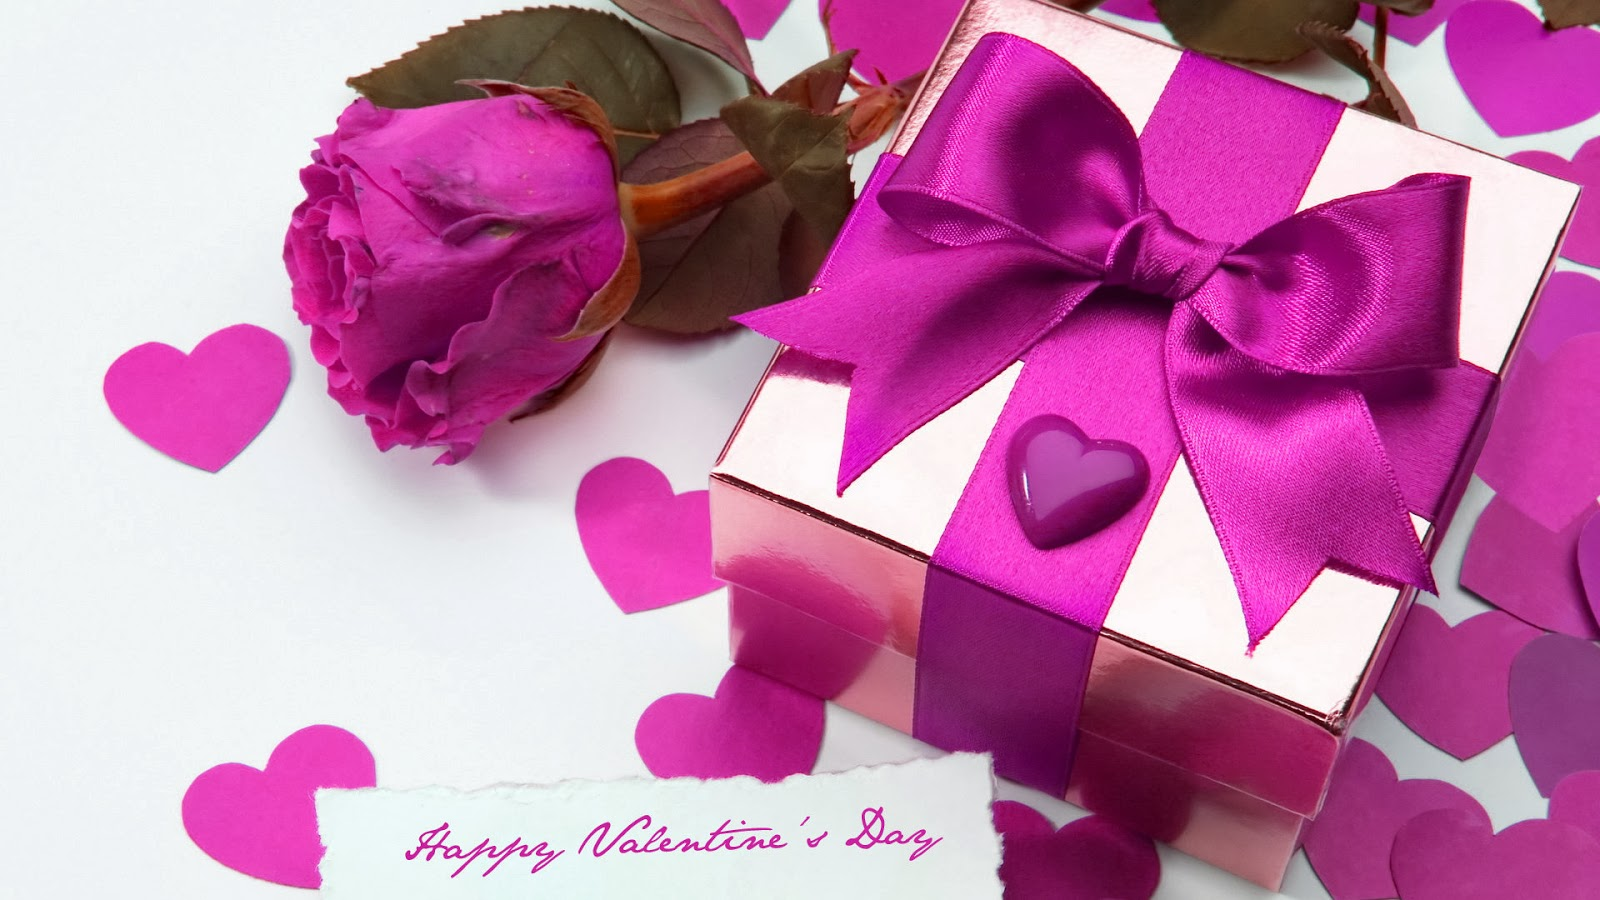 loi-chuc-y-nghia-ngay-valentine-5